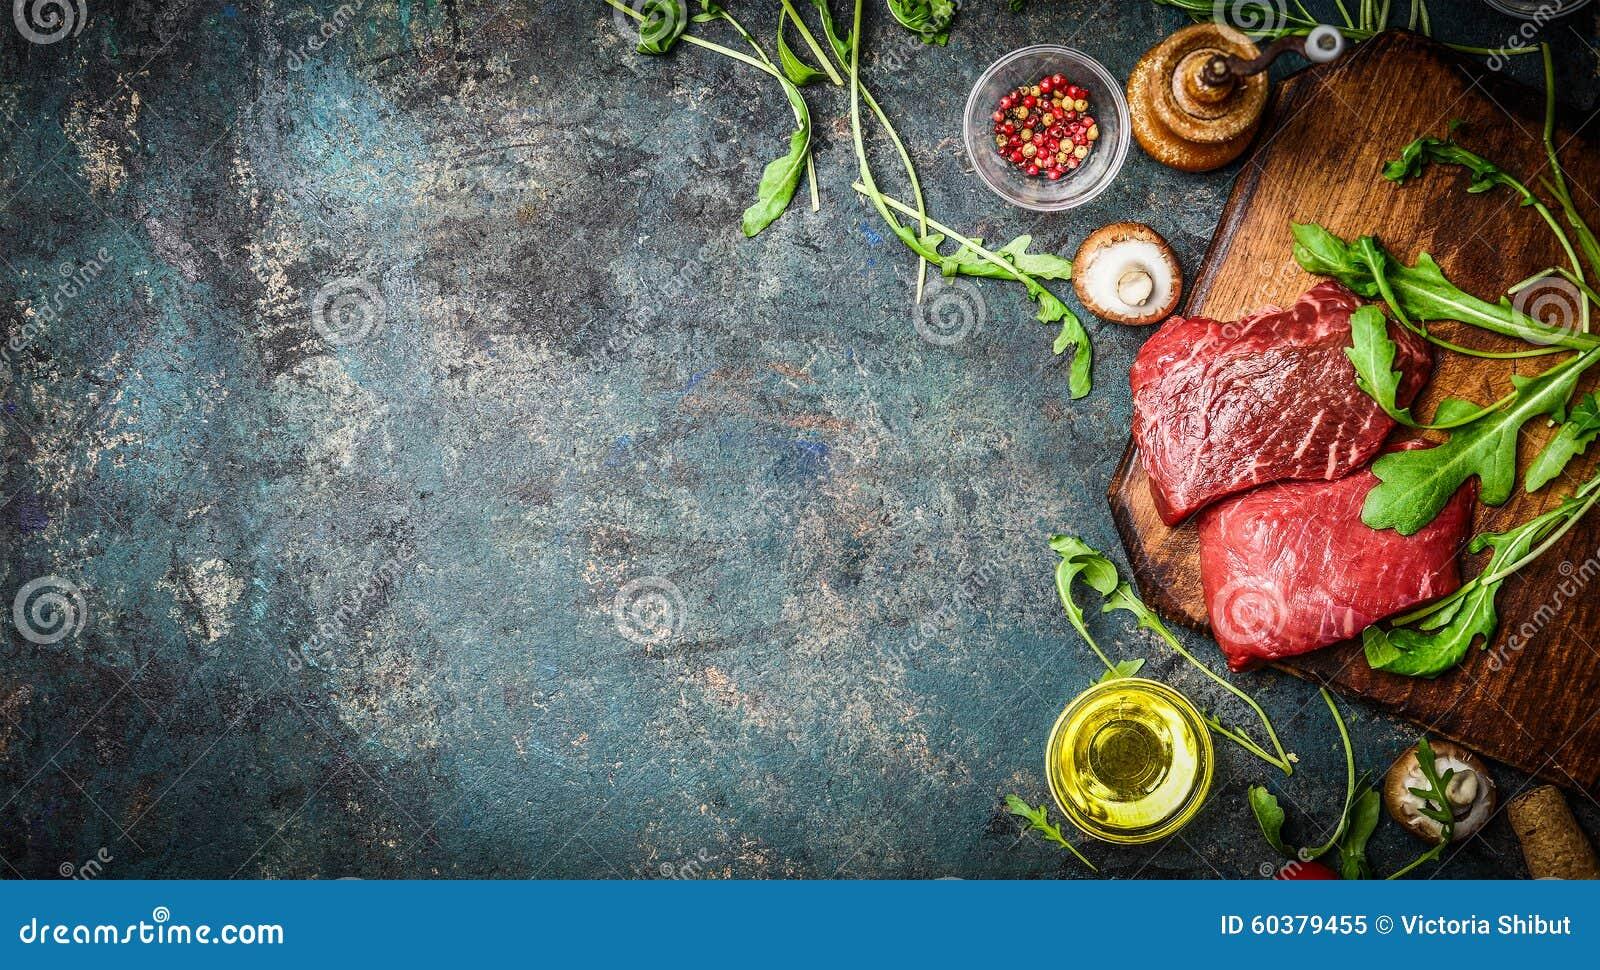 Surowy wołowina stek i świezi składniki dla gotować na nieociosanym tle, odgórny widok, sztandar